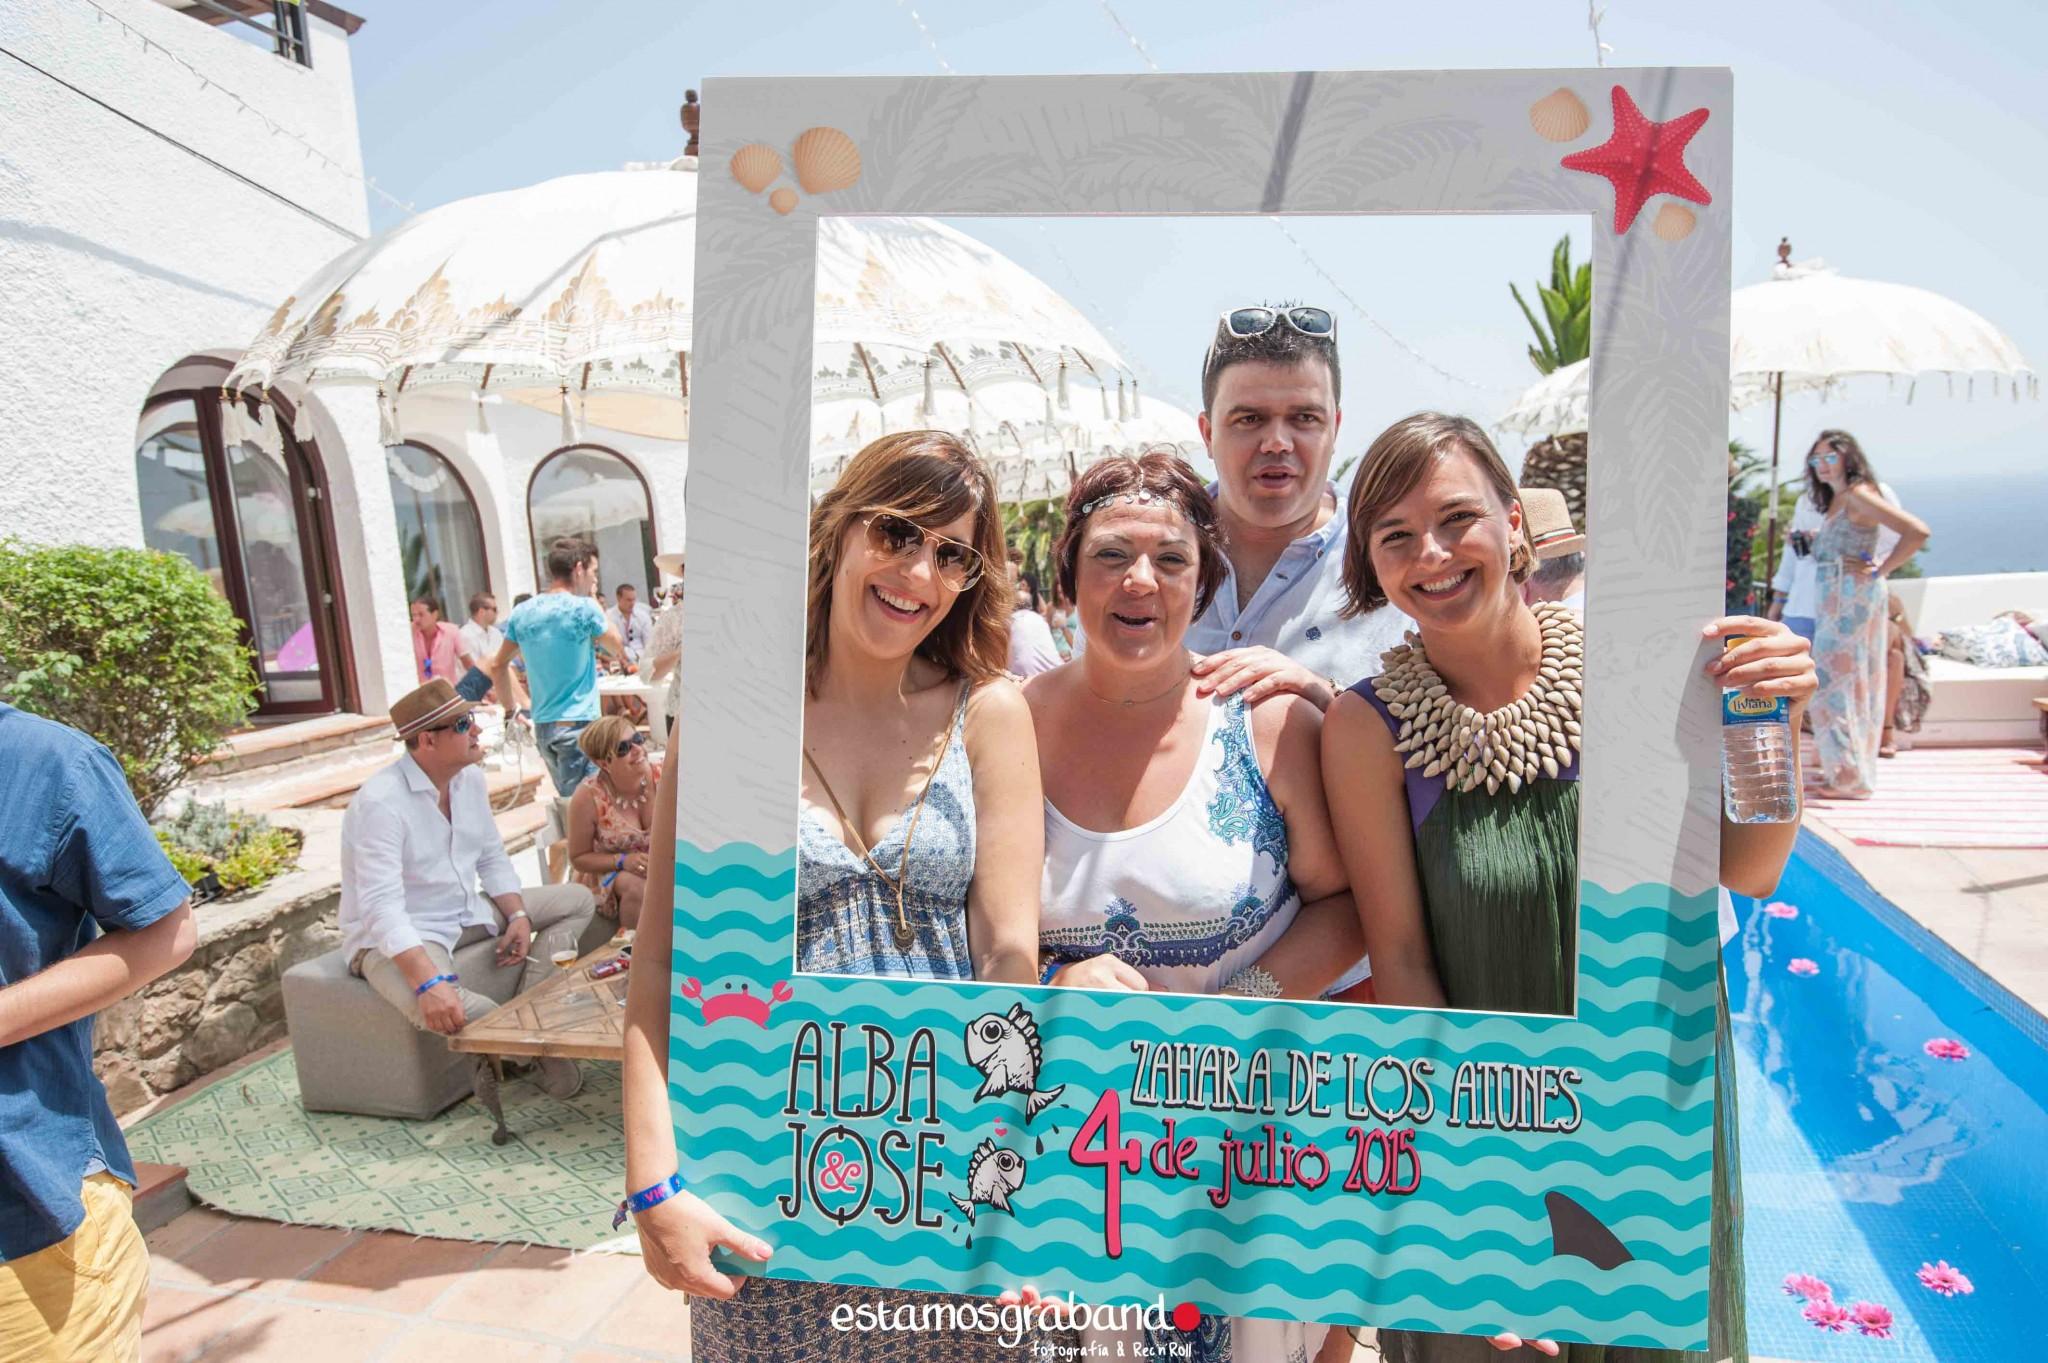 Alba-y-Jose-BTTW-15 Los invitados de Alba & Jose [Back to the wedding_Atlanterra, Zahara de los Atunes] - video boda cadiz